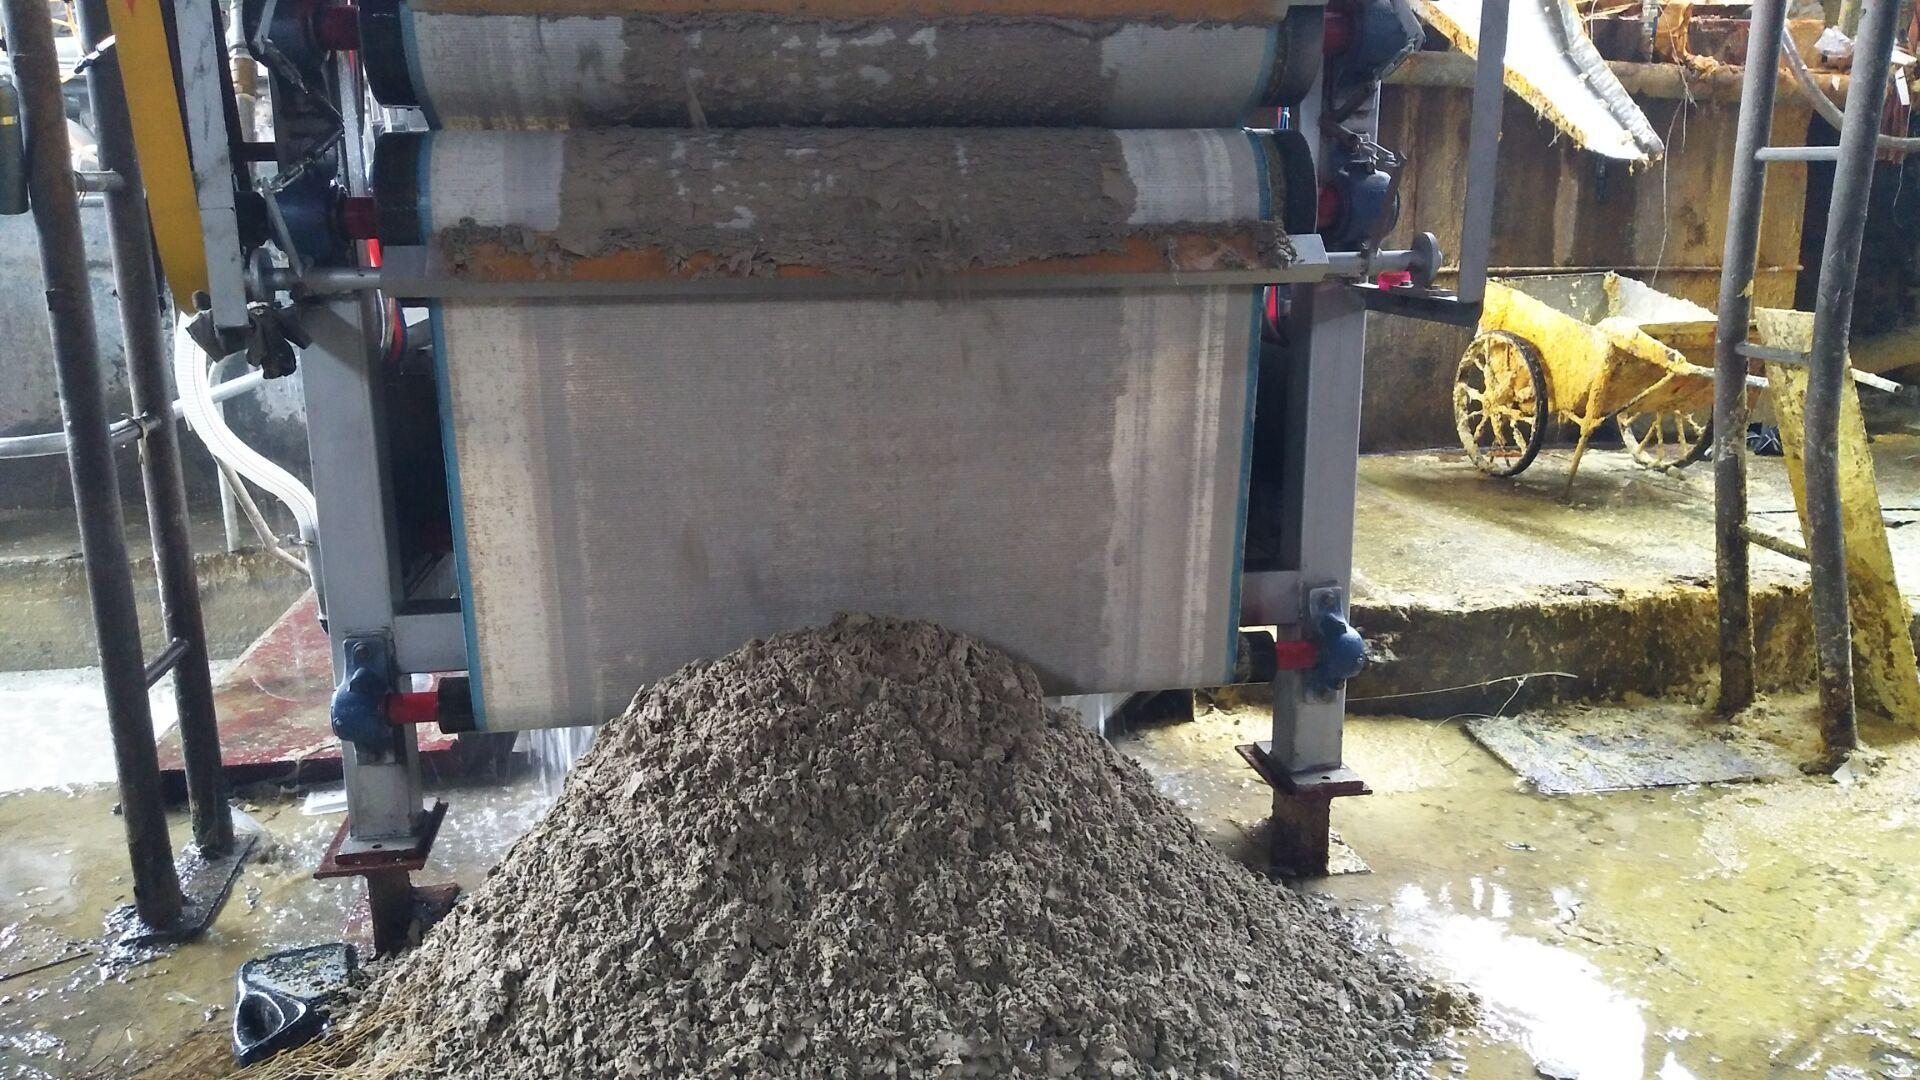 化工废水处理设备有效处理办法-技术文章